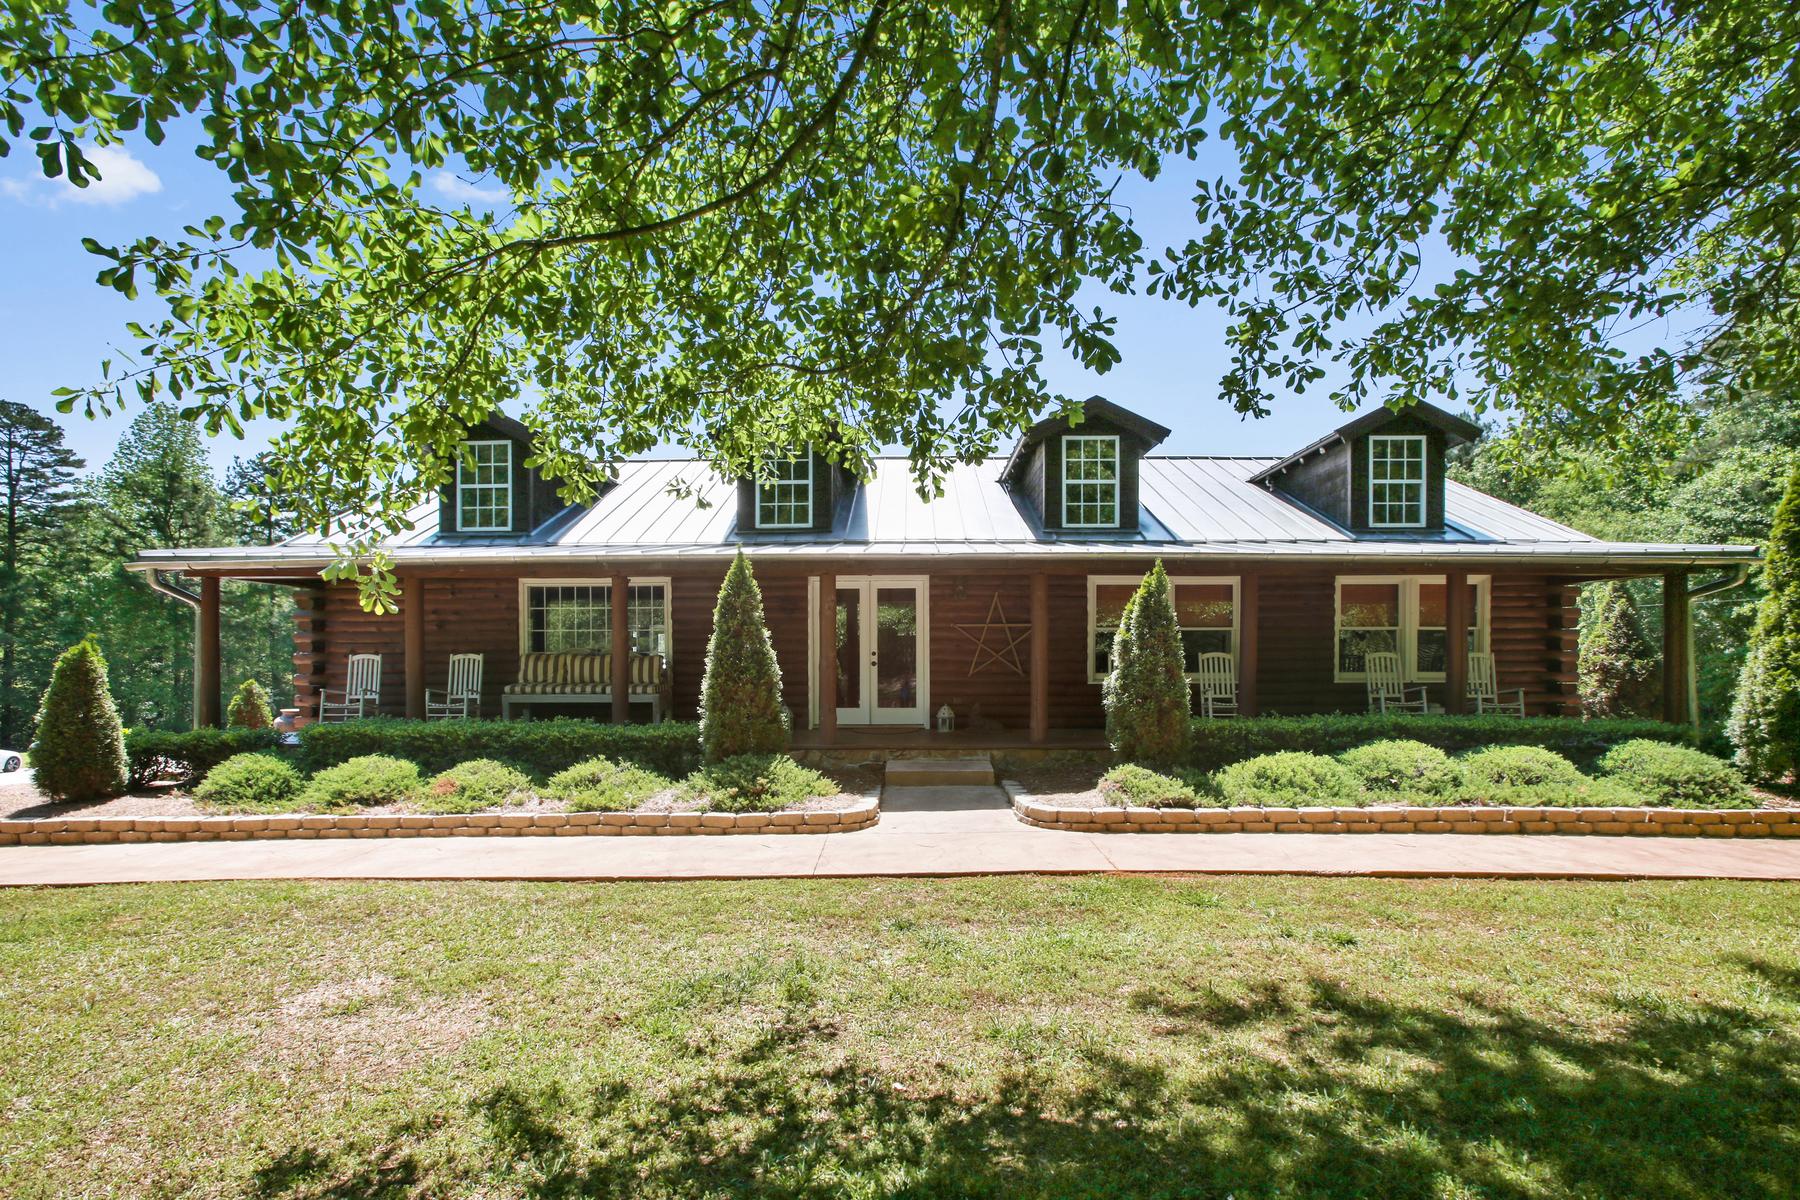 Villa per Vendita alle ore Stunning Equestrian Property With Income Potential 12000 Hutcheson Ferry Road Palmetto, Georgia, 30268 Stati Uniti